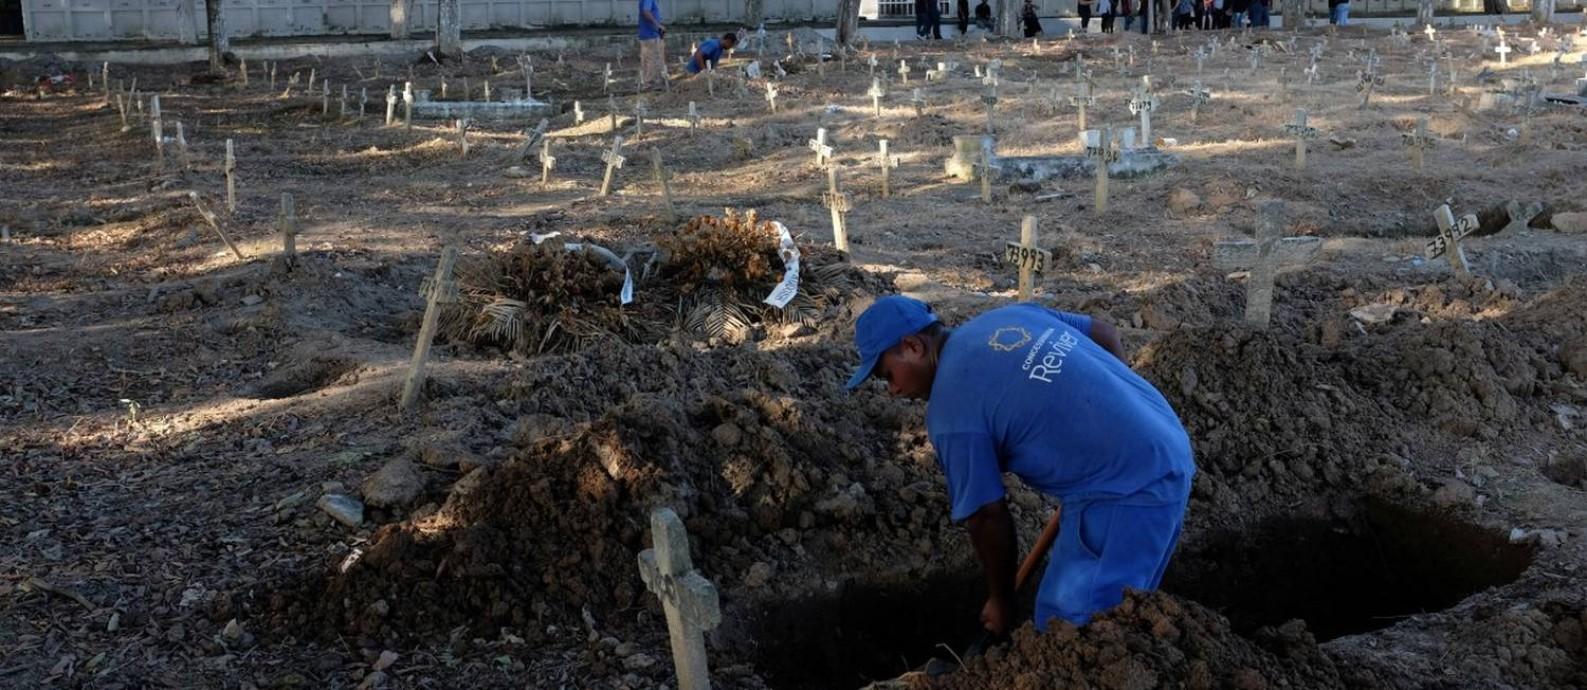 No cemitério São Francisco Xavier, no Rio de Janeiro, coveiro realiza enterro Foto: IAN CHEIBUB / REUTERS / 6-4-2020